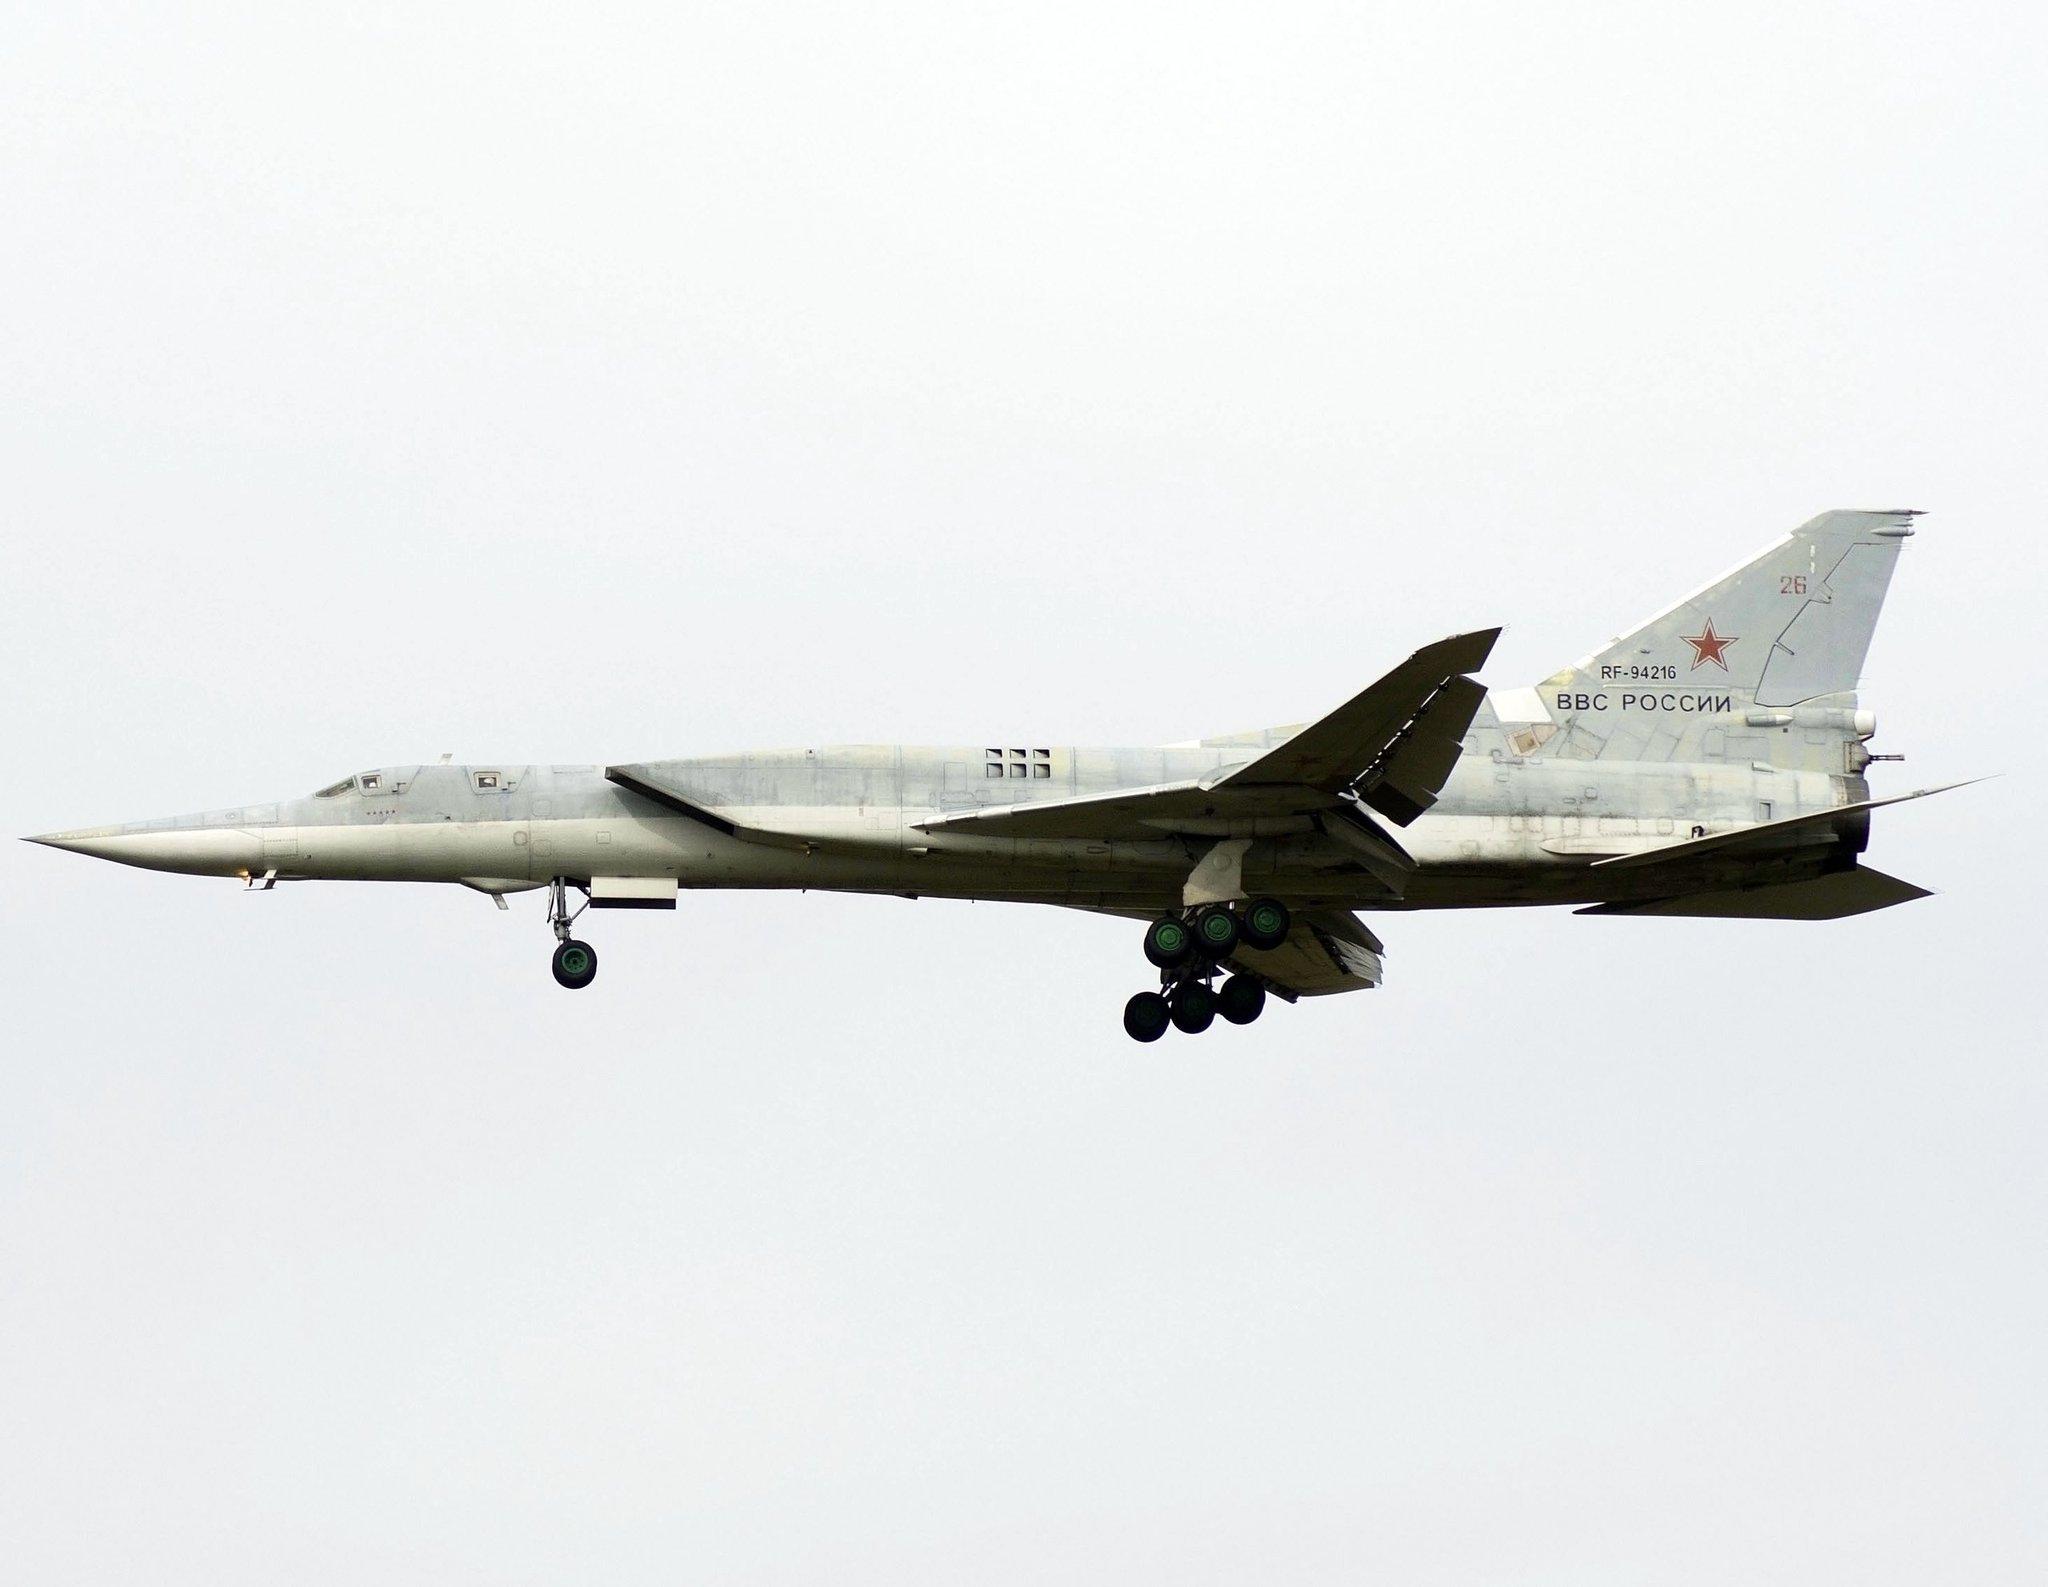 Orosz légi és kozmikus erők 8HthVfe-Niw